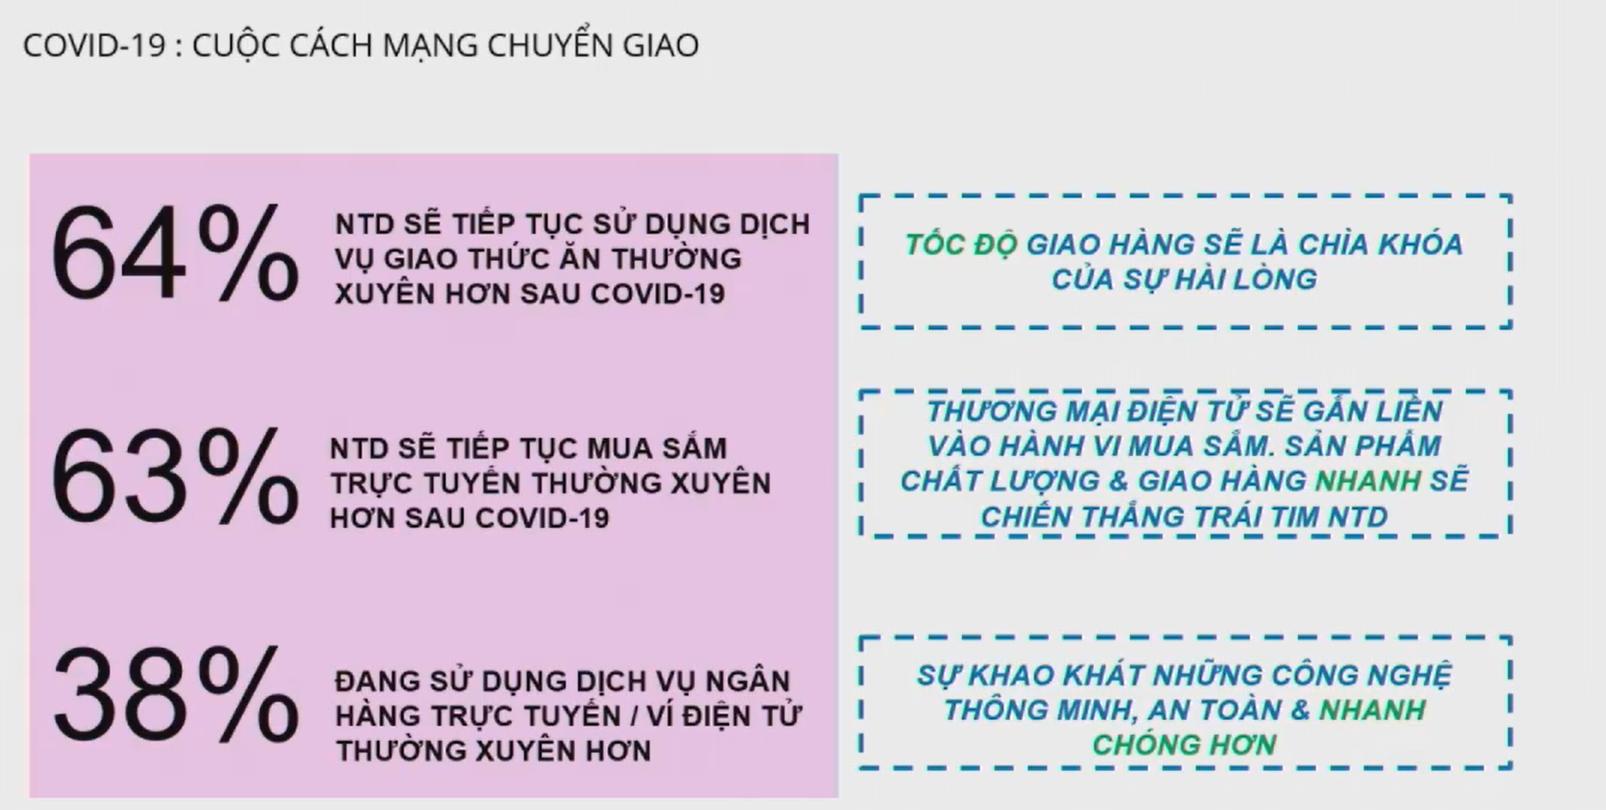 Hậu COVID-19, người Việt ưa sử dụng thương hiệu nội, quan tâm chất lượng hơn 'lòng trung thành' - Ảnh 2.